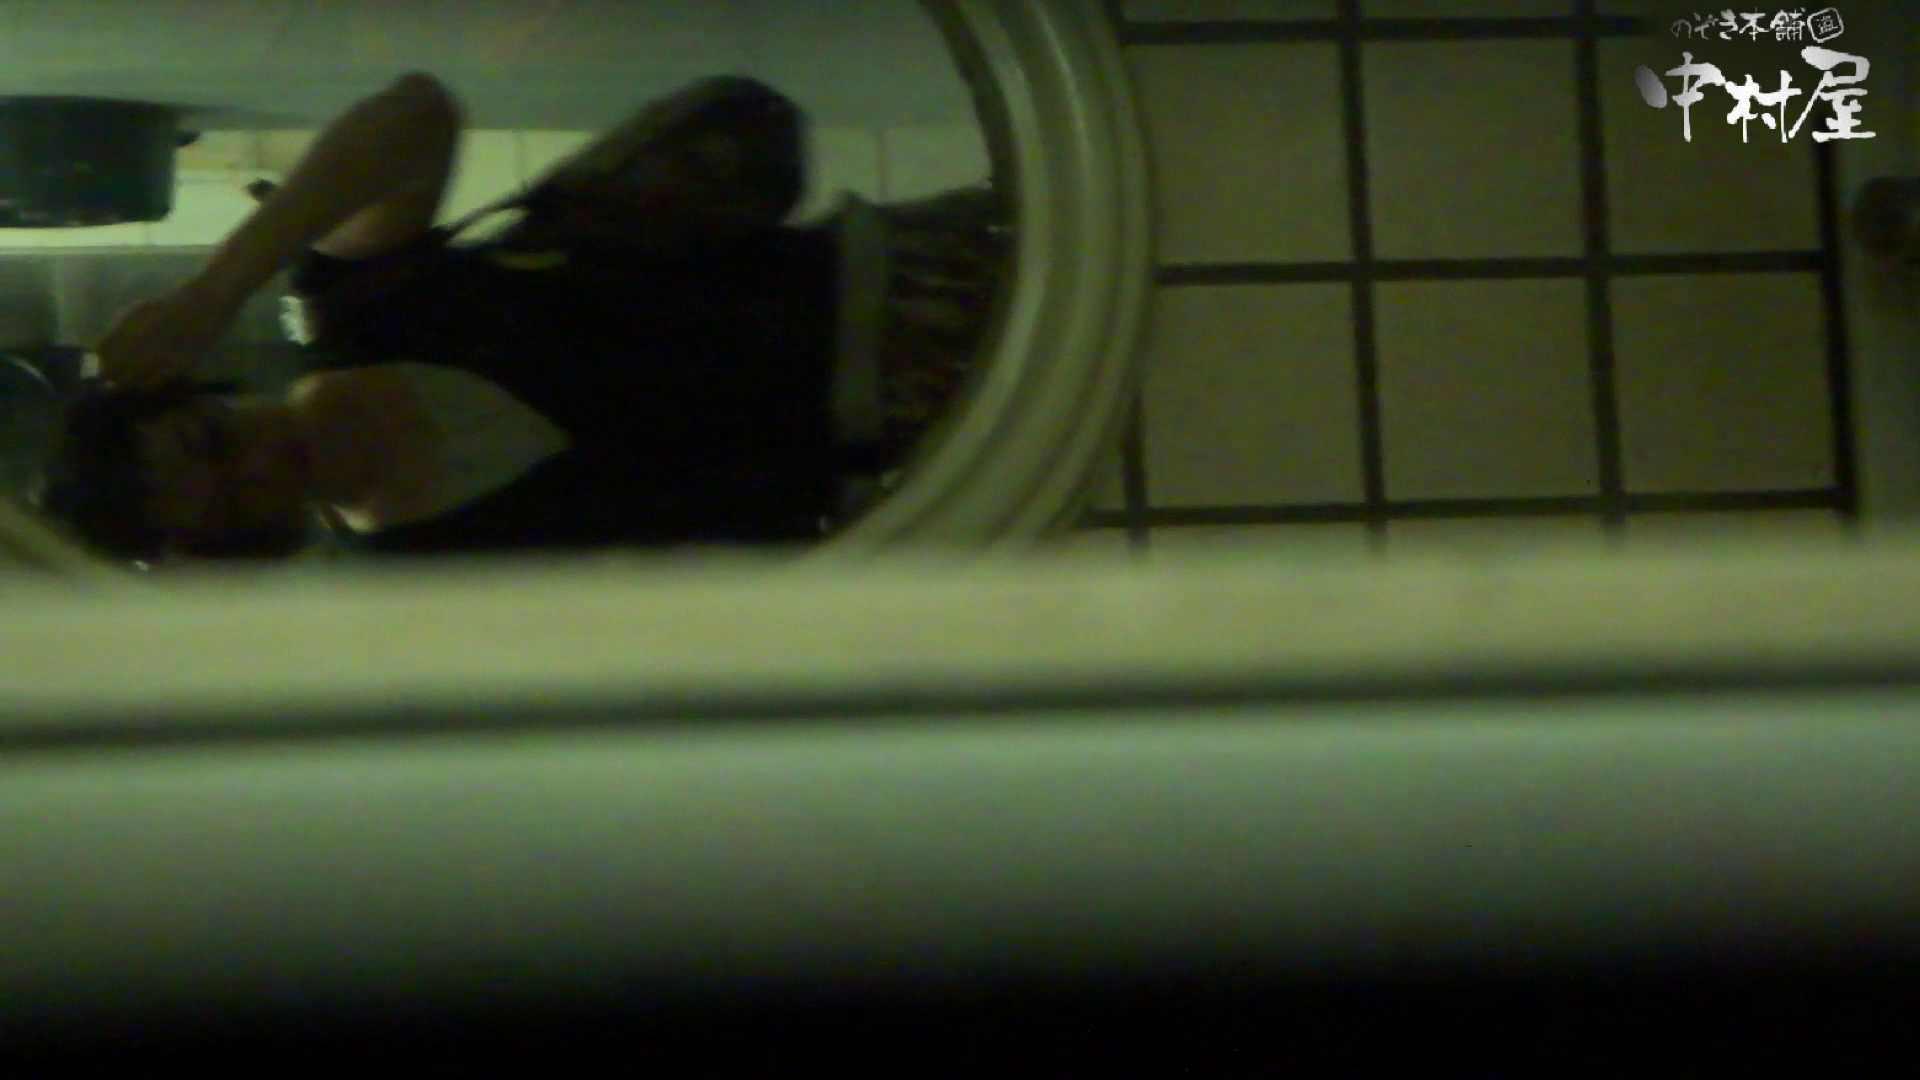 【美人が集まるファッションショッピングセンター洗面所盗SATU】ギャルのツルピカ潜入盗satu!Vol.09 潜入 | 高画質  88PIX 81